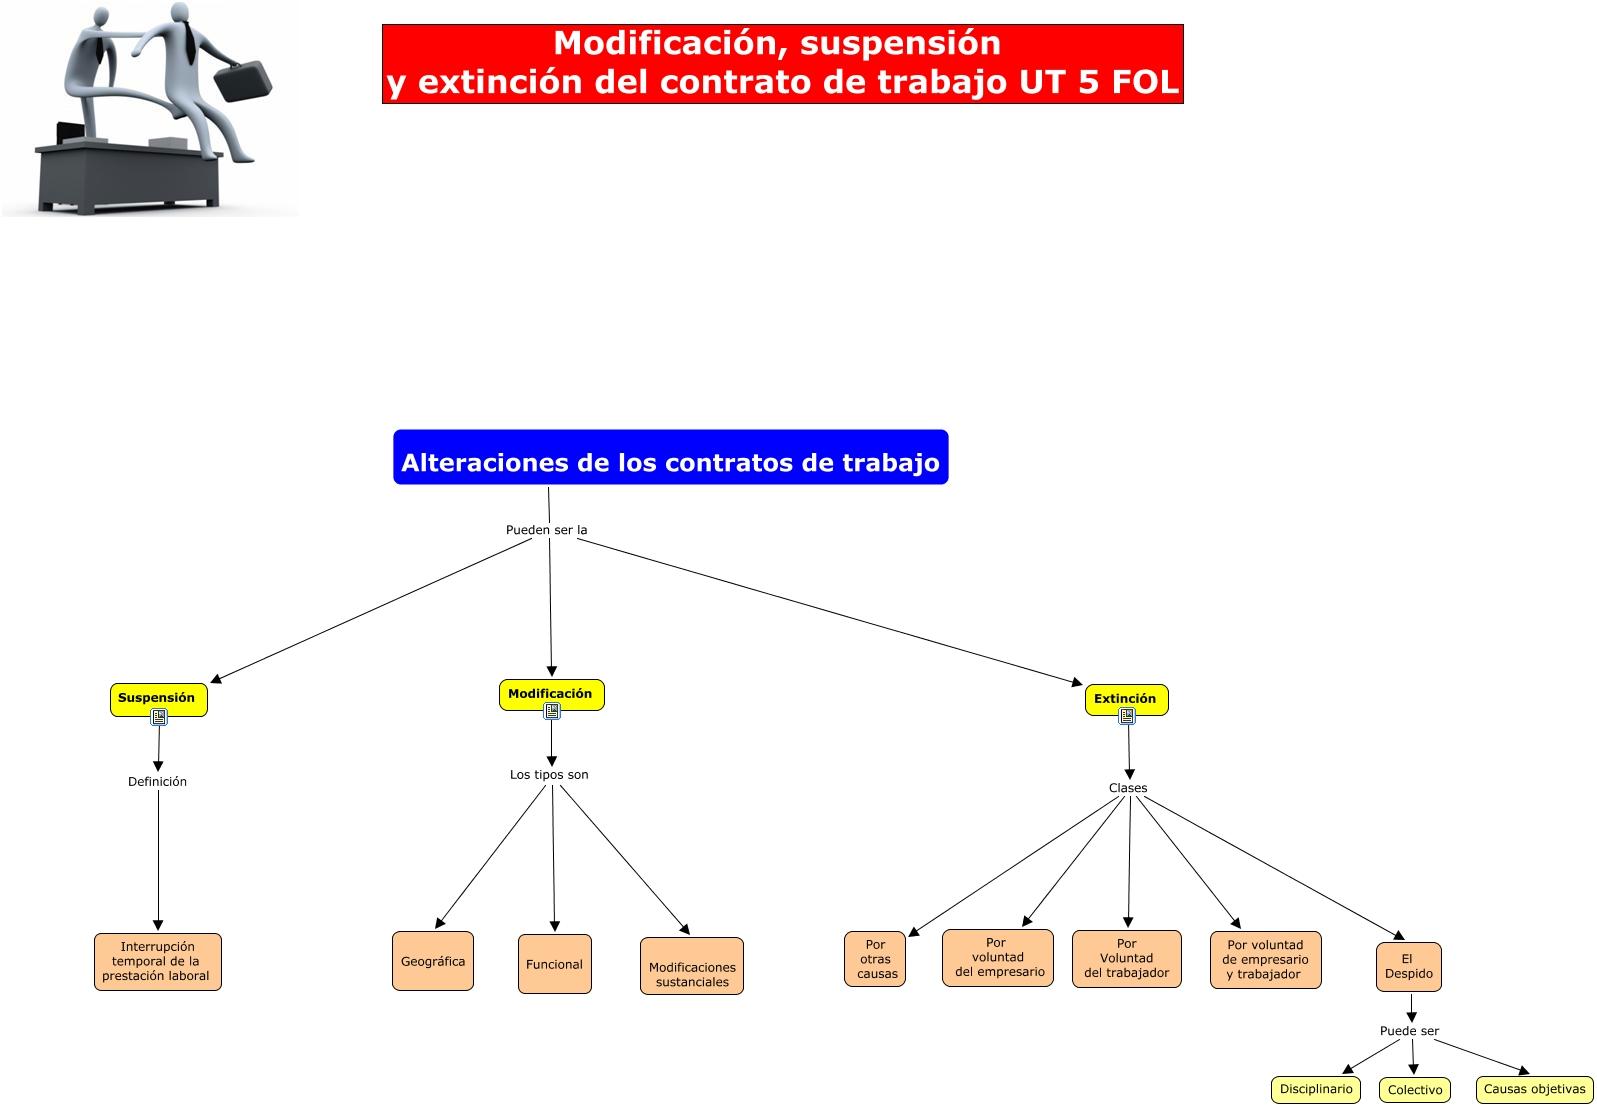 Modificación Suspensión Y Extinción Del Contrato De Trabajo Ut 5 Fol